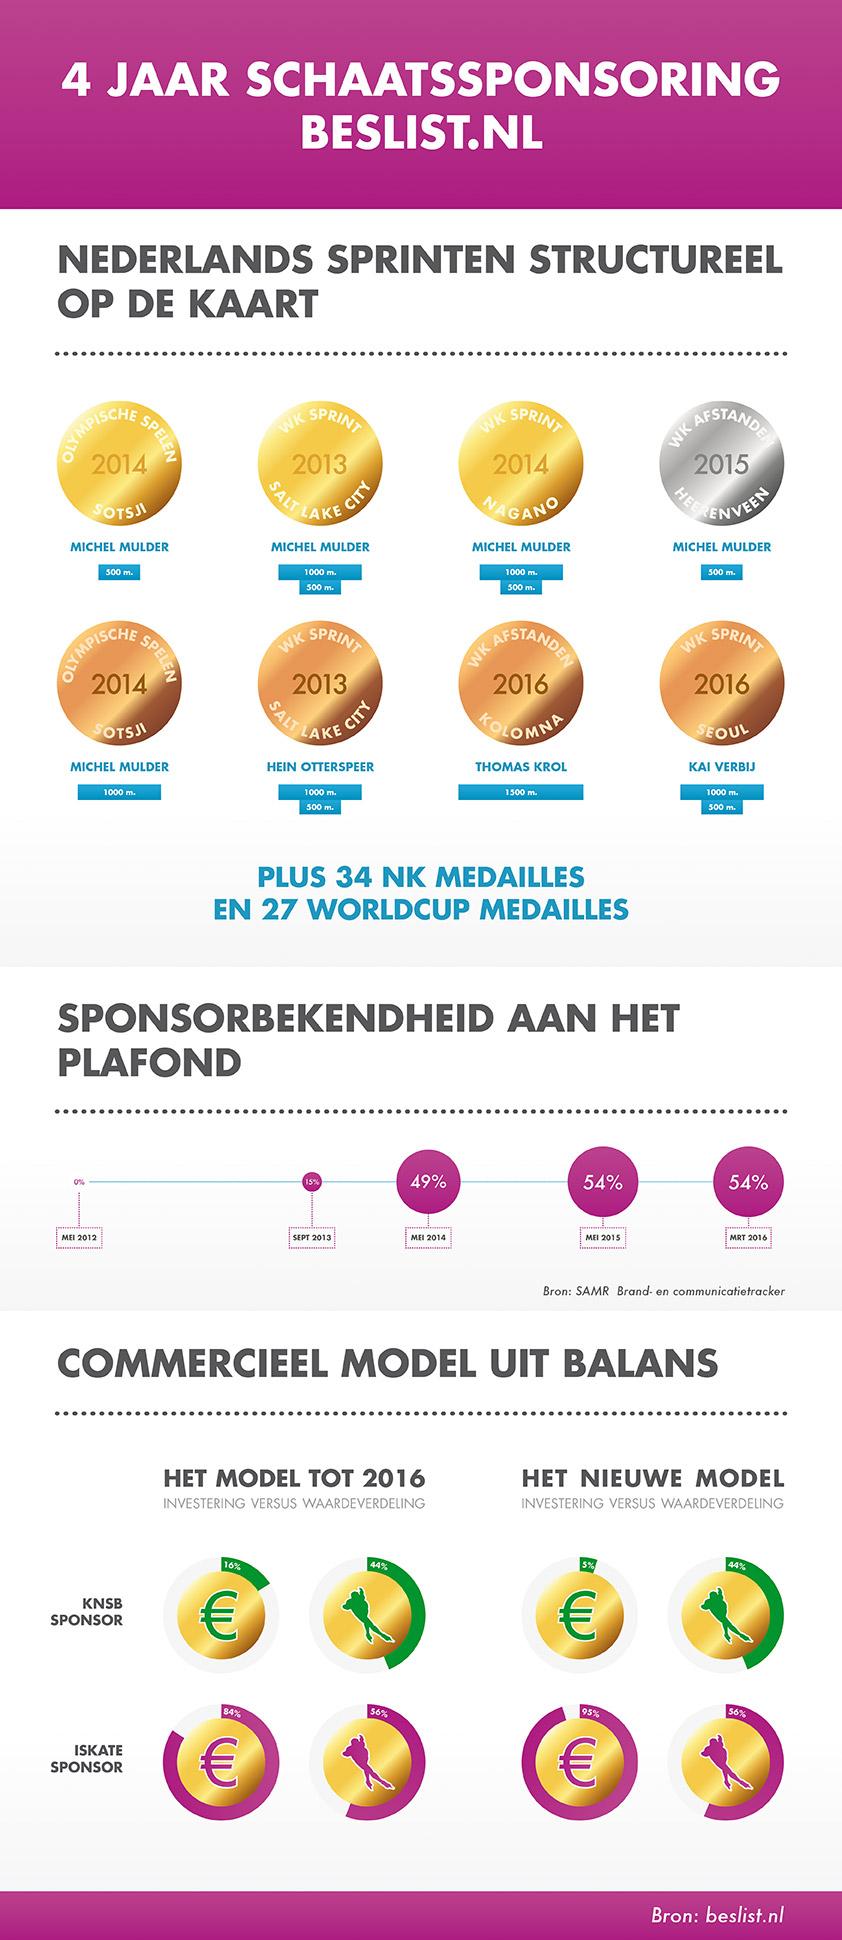 4 jaar schaatssponsoring beslist.nl